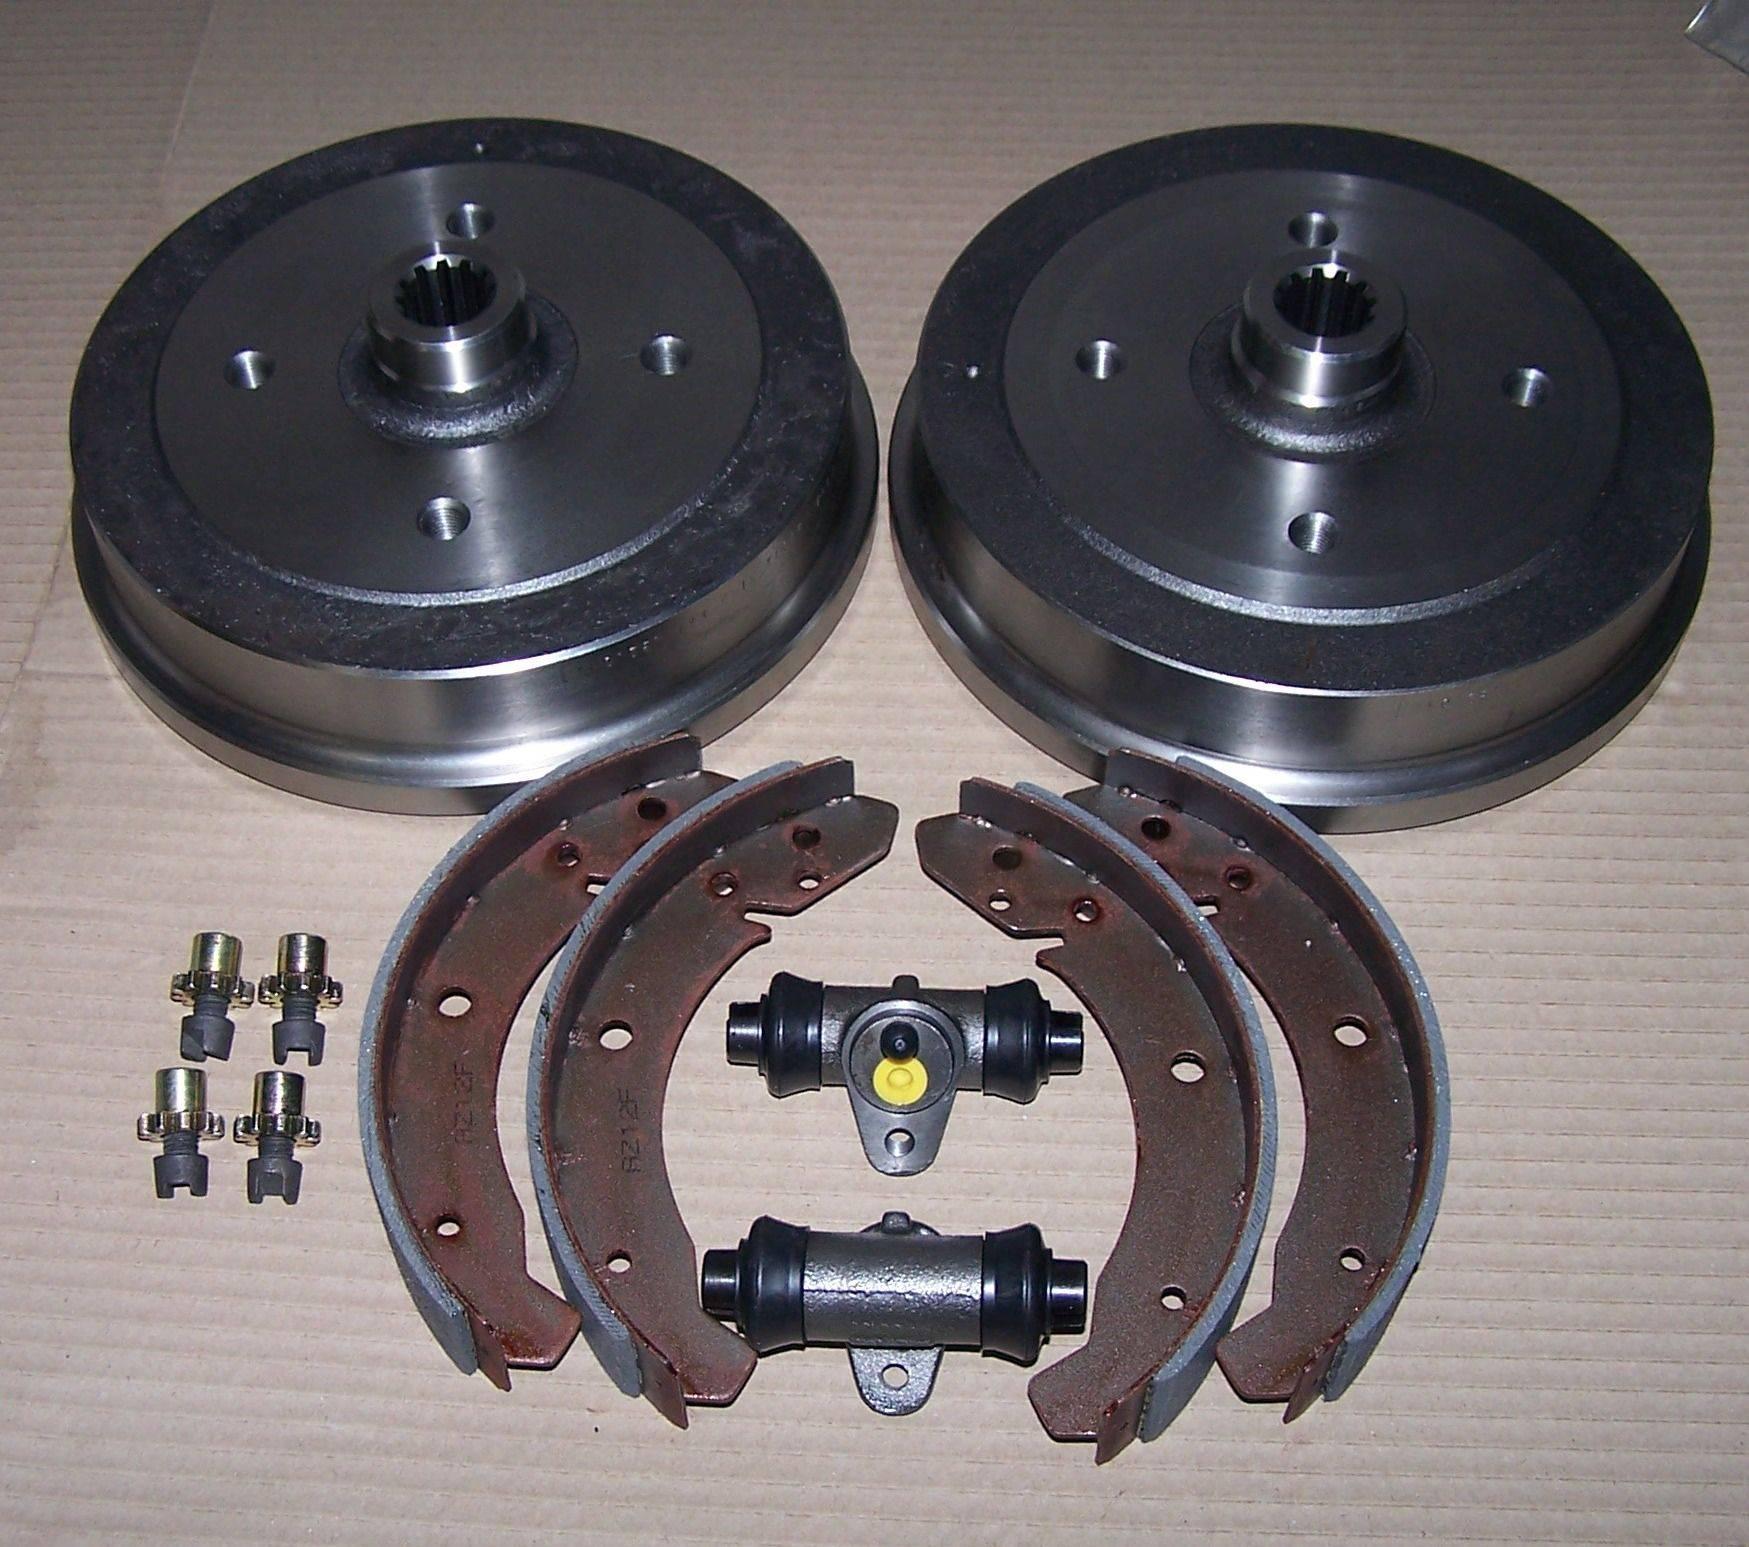 Vw Bug Air Cooled Wheels: Rear-brake-drums-wheel-cylinders-brake-adjusters-brake